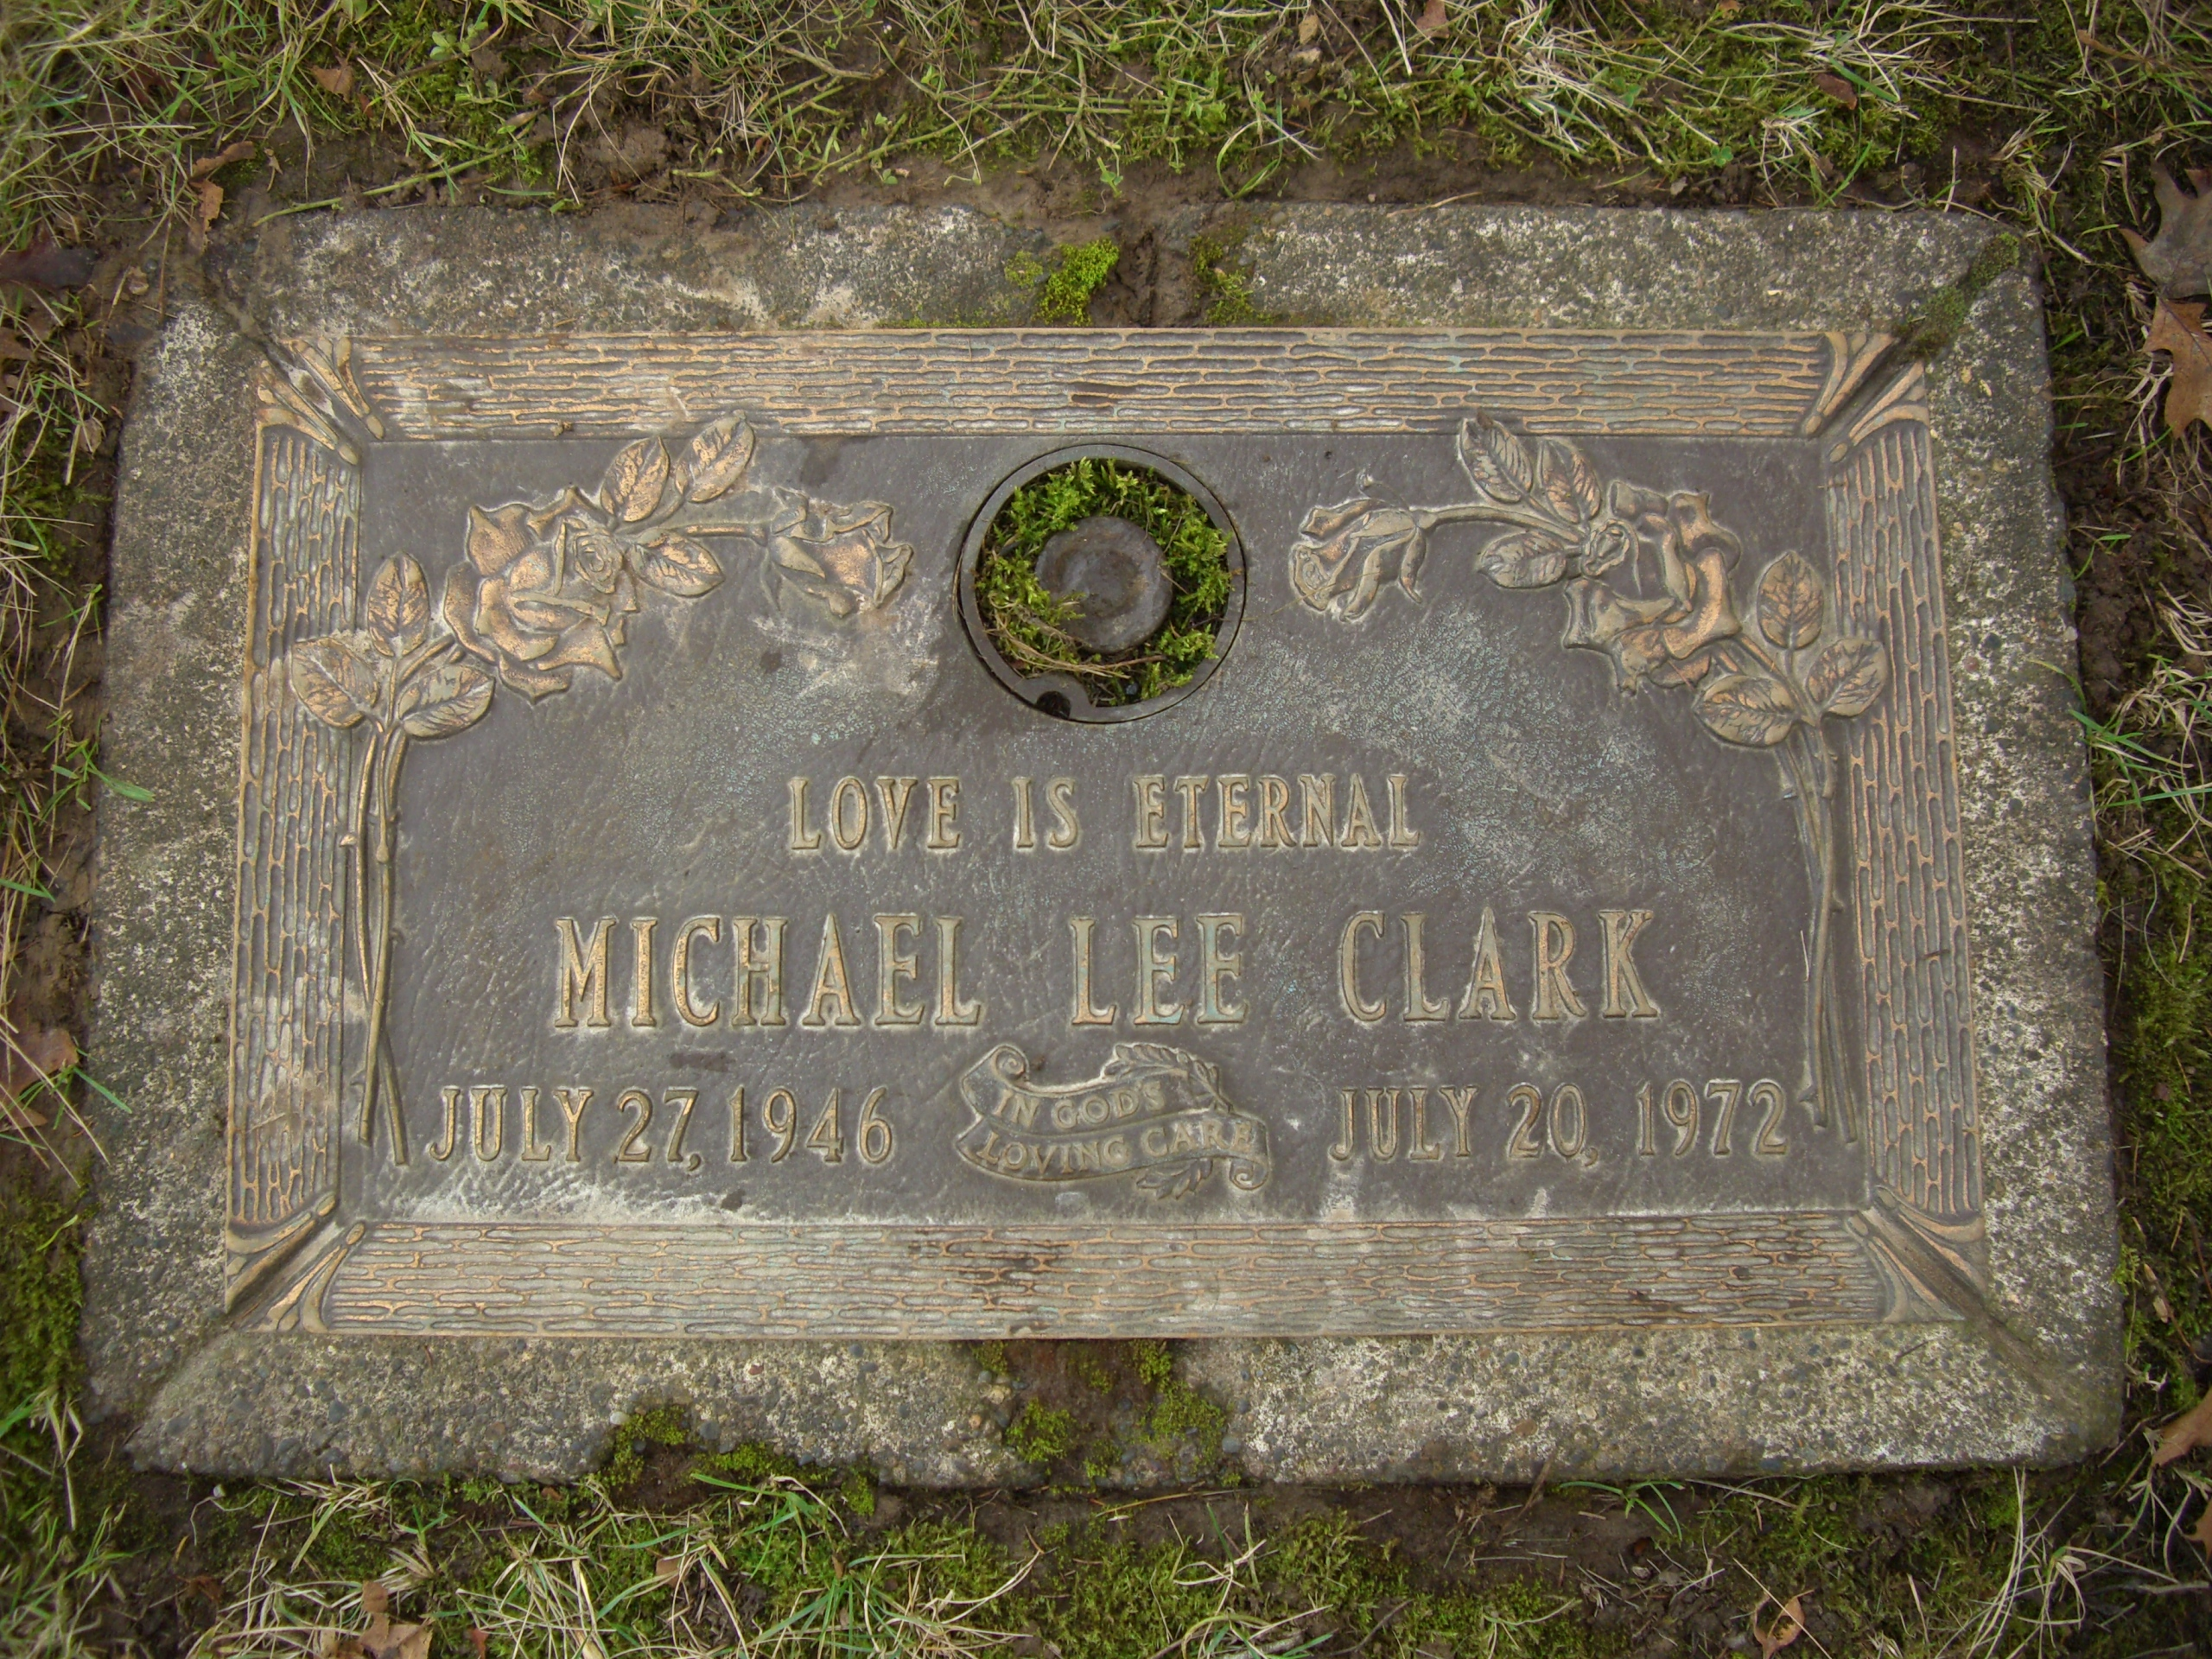 Michael Lee Clark